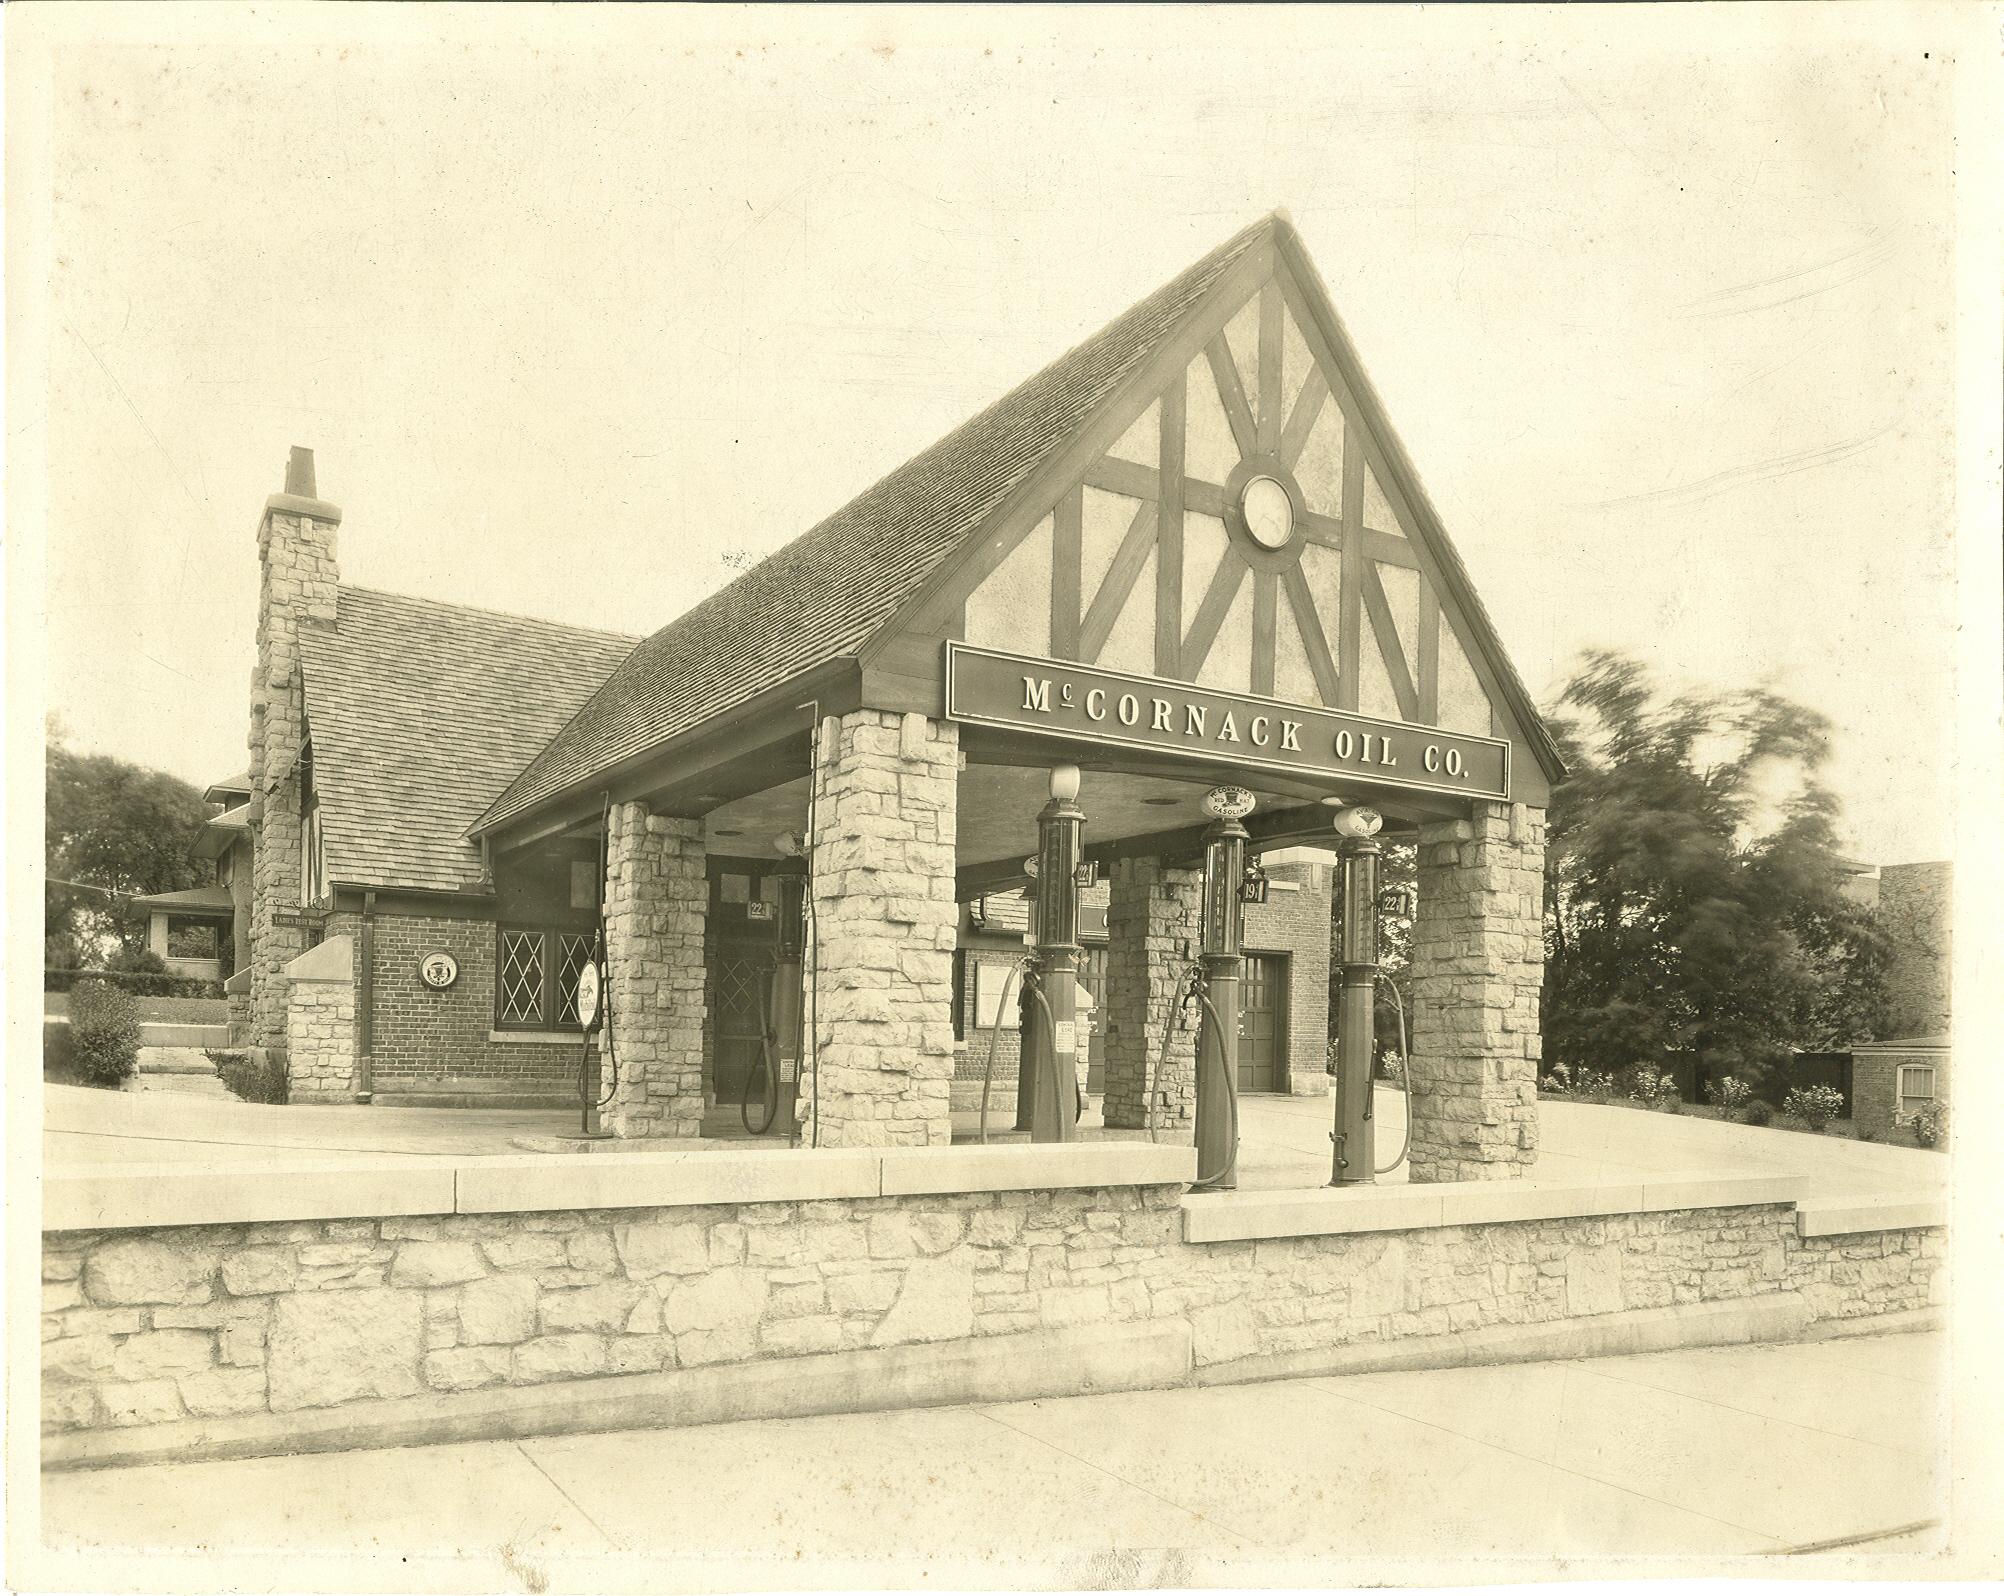 4. McCornack Oil Co. Building